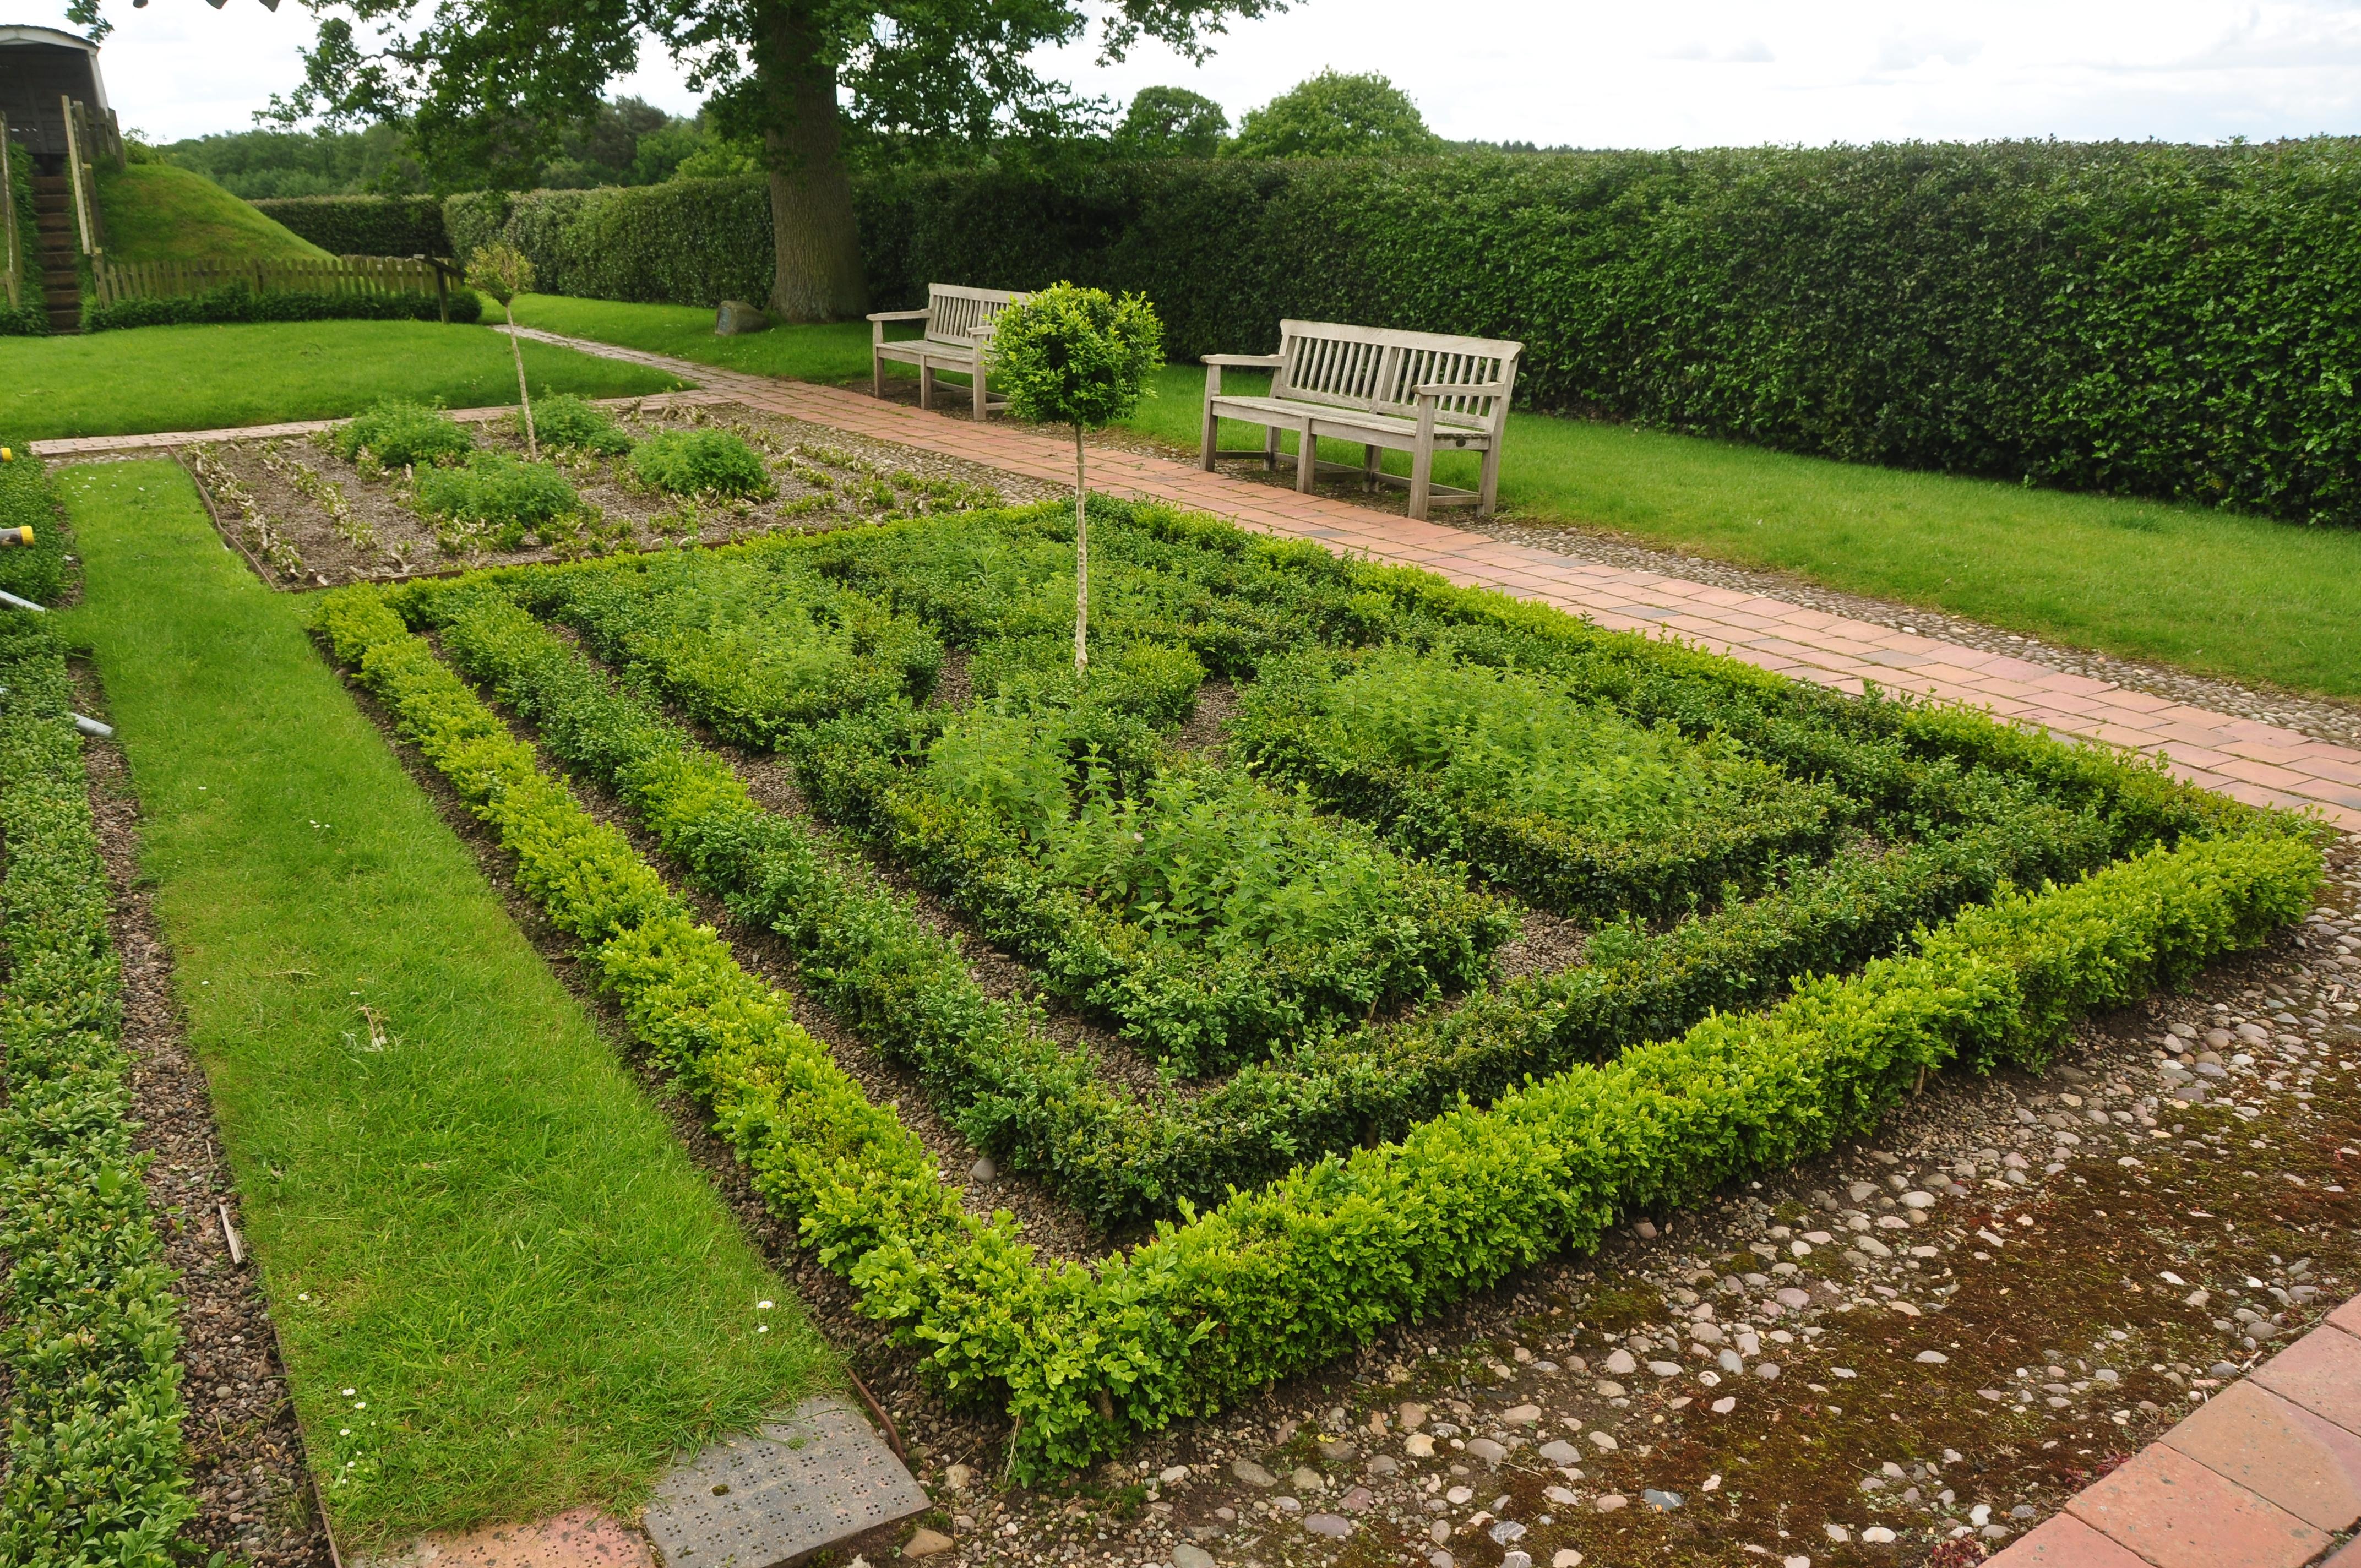 File:Boscobel House gardens (5221).jpg - Wikimedia Commons